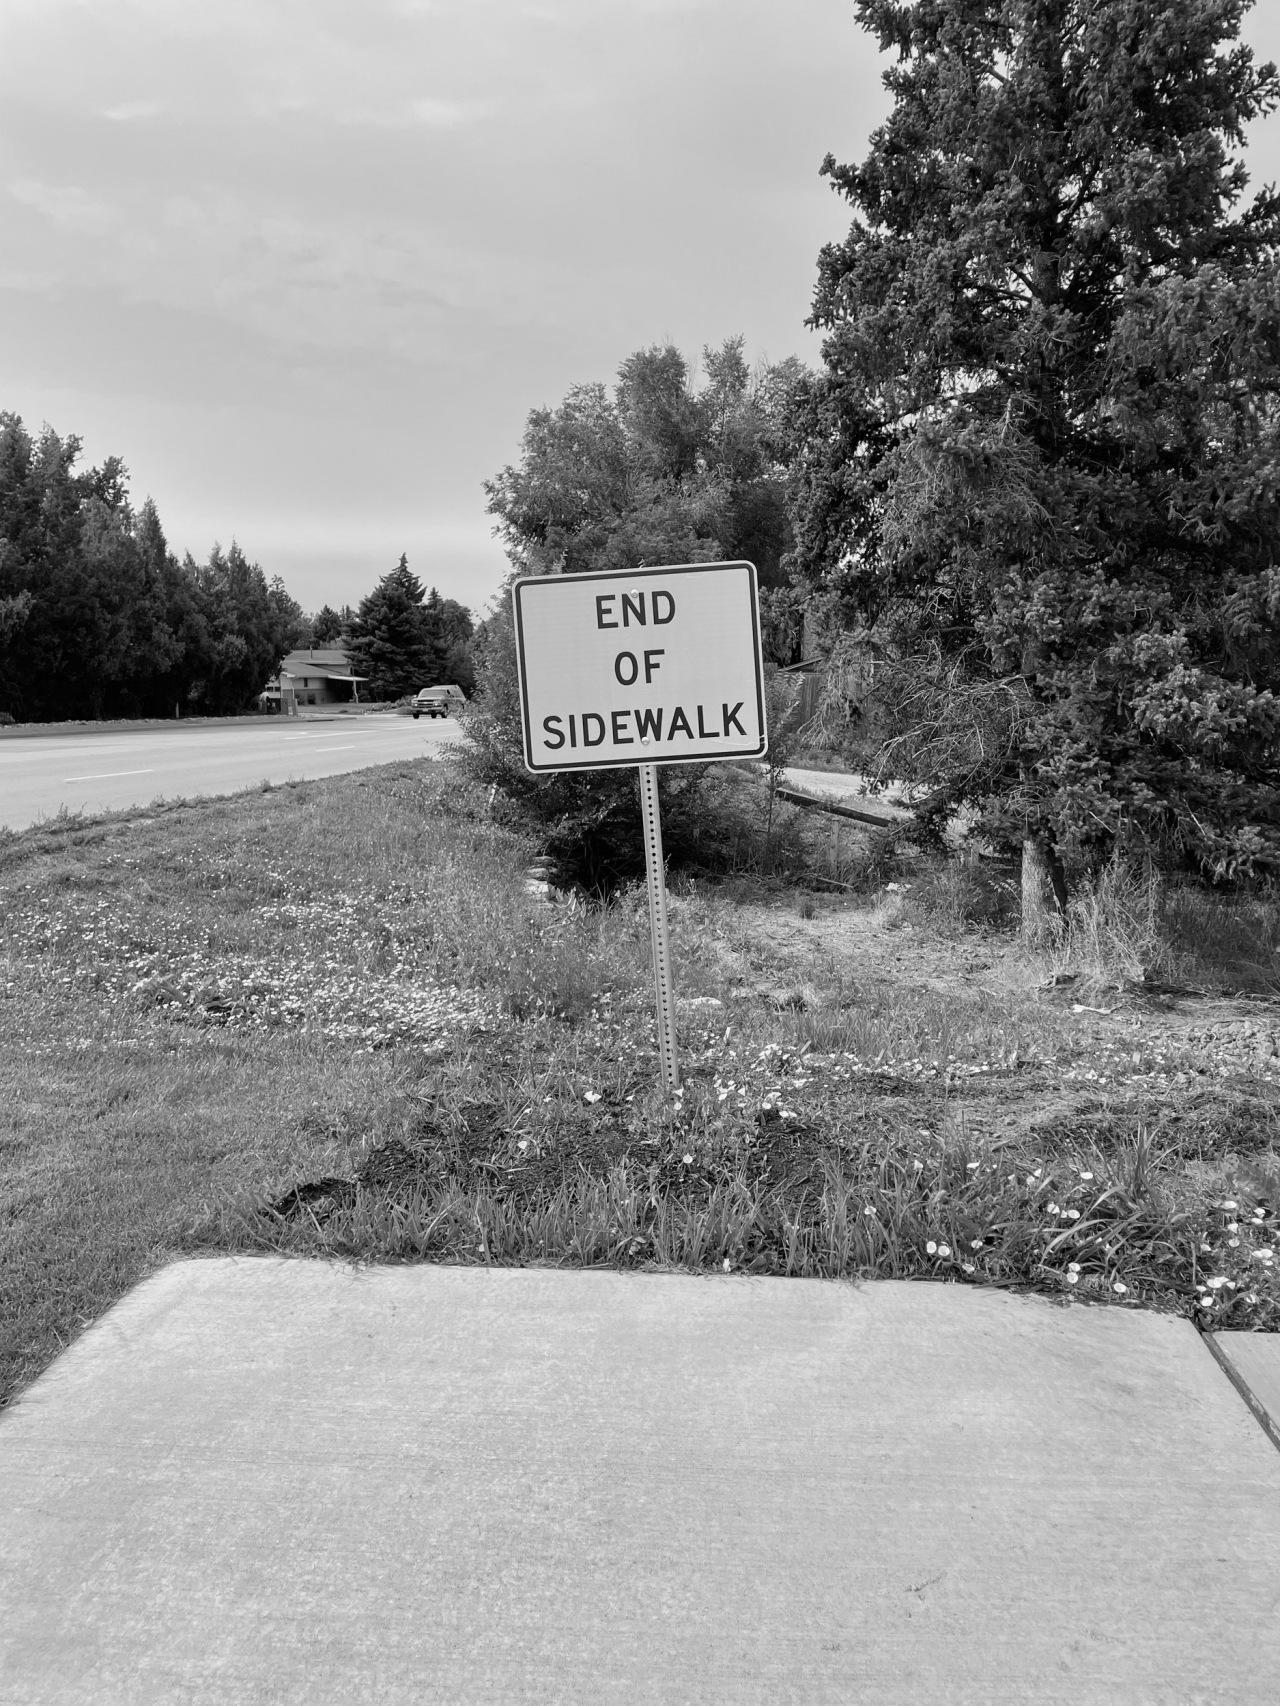 End of Sidewalk